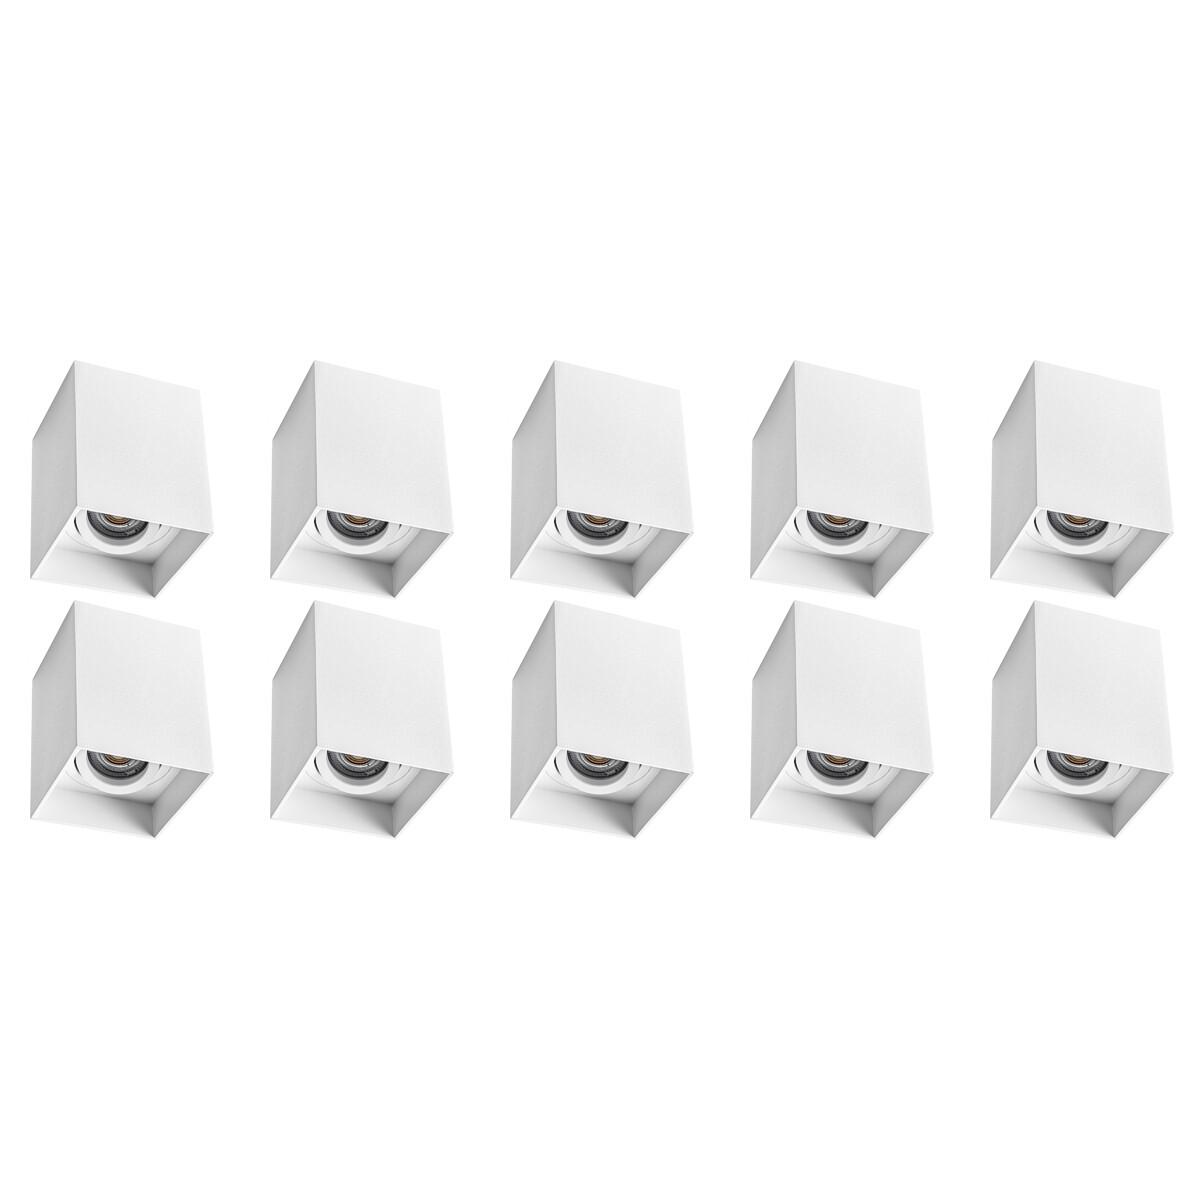 Opbouwspot 10 Pack - Pragmi Luxina Pro - GU10 Fitting - Opbouw Vierkant - Mat Wit - Aluminium - Verd